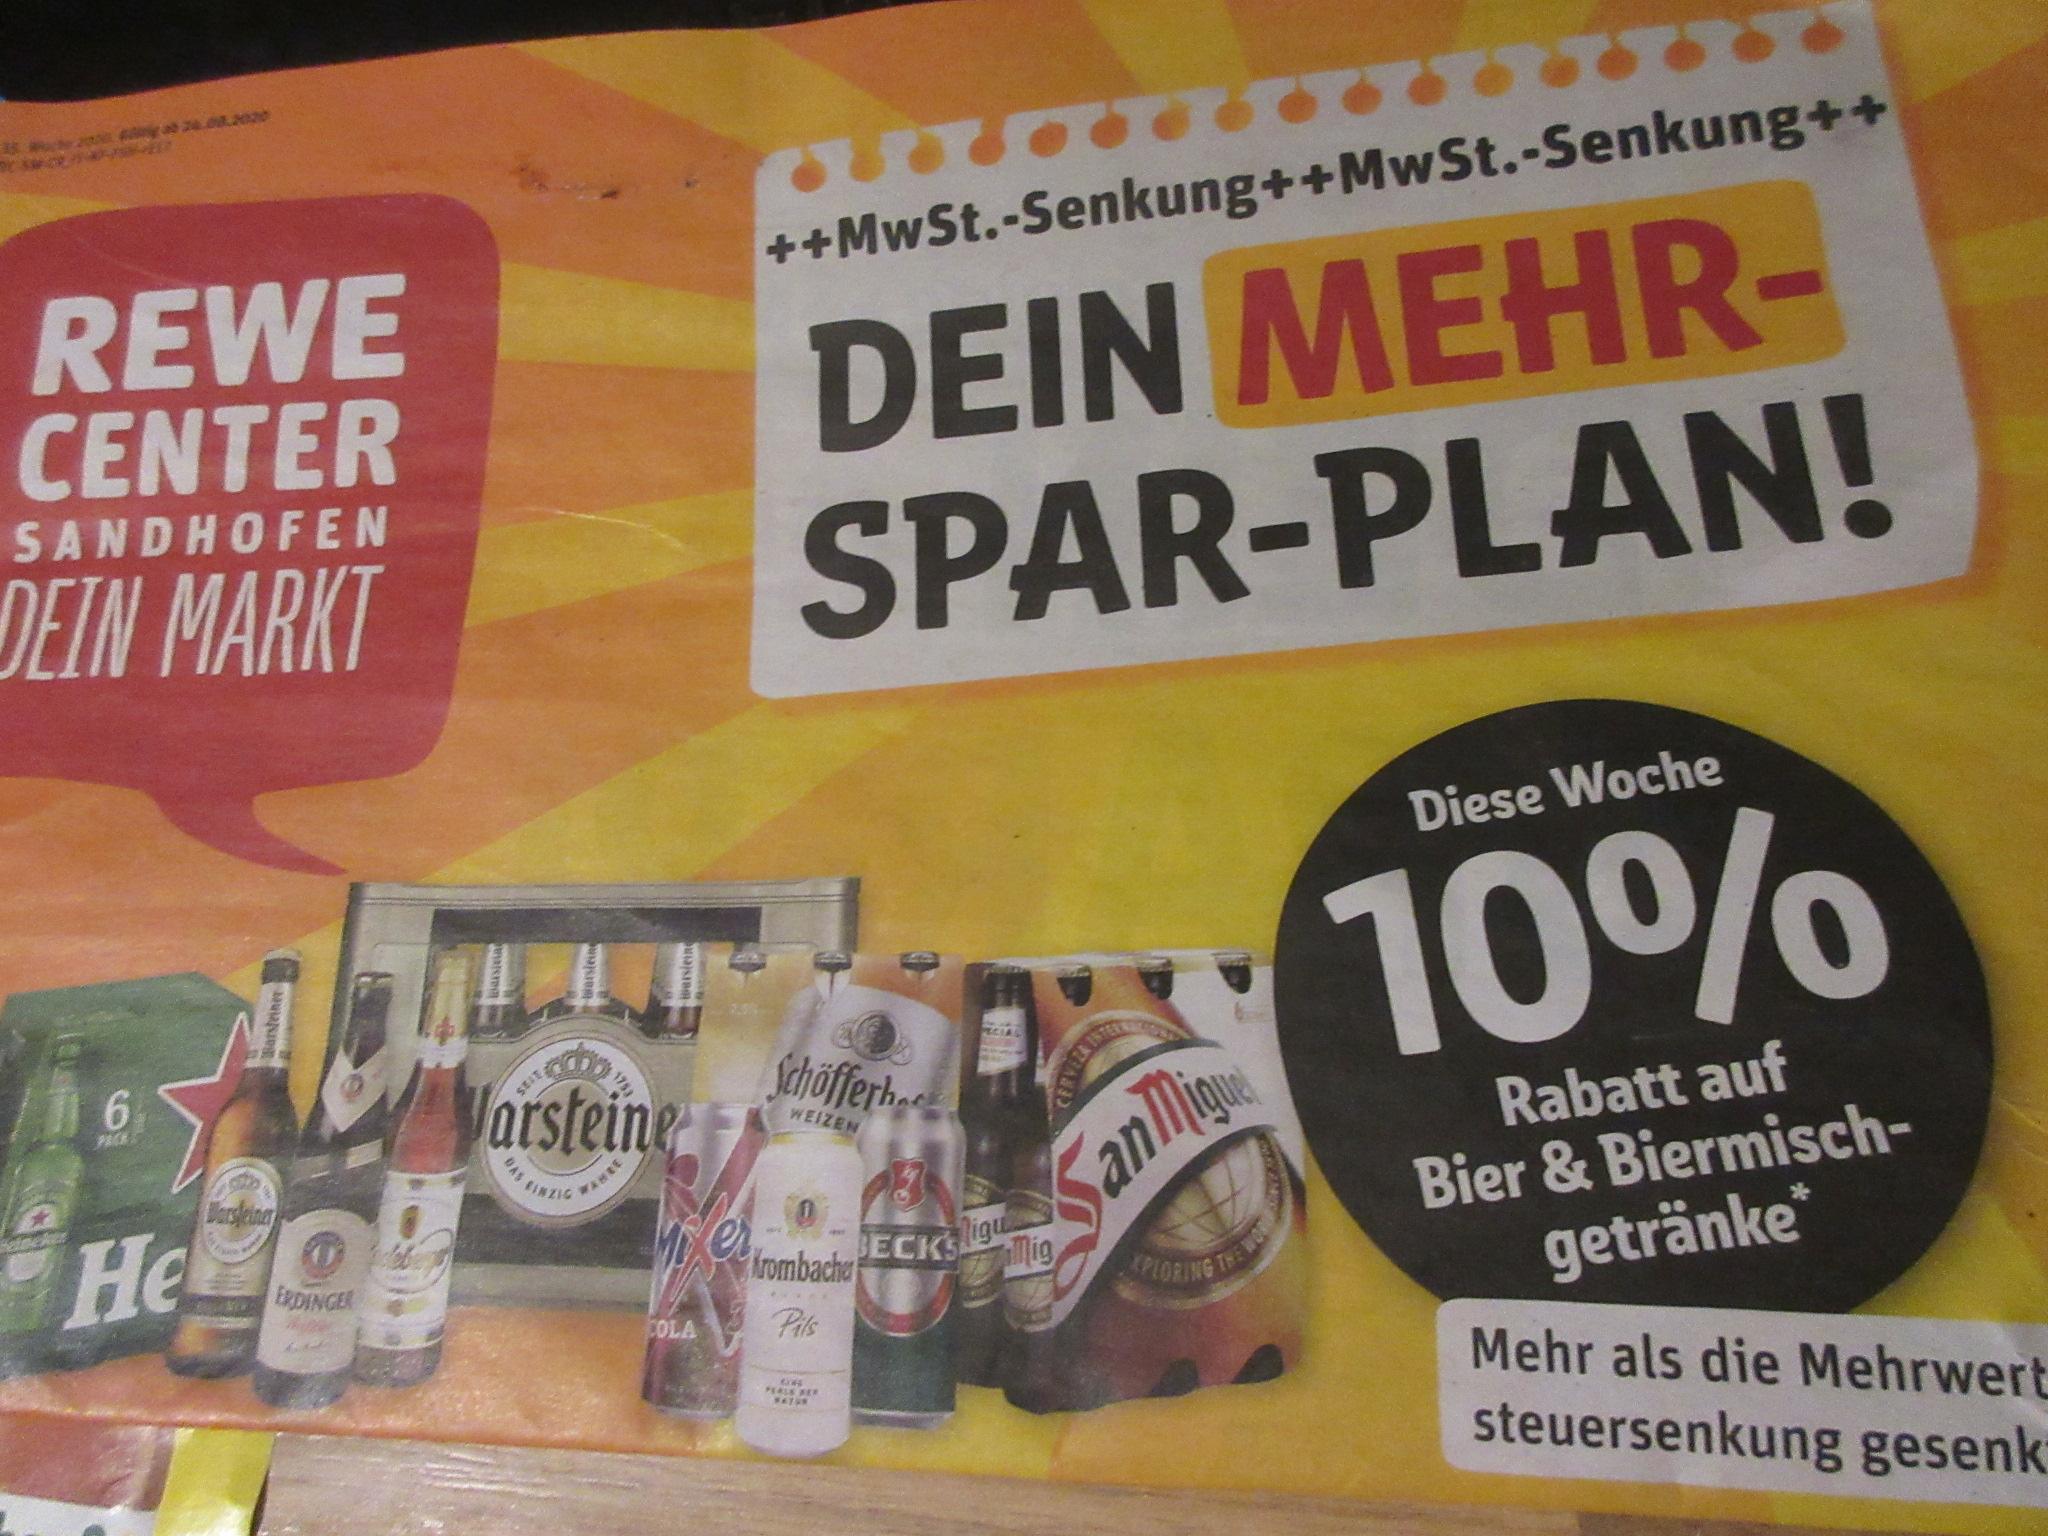 REWE - auf alle Bier und Biermischgetränke -10%